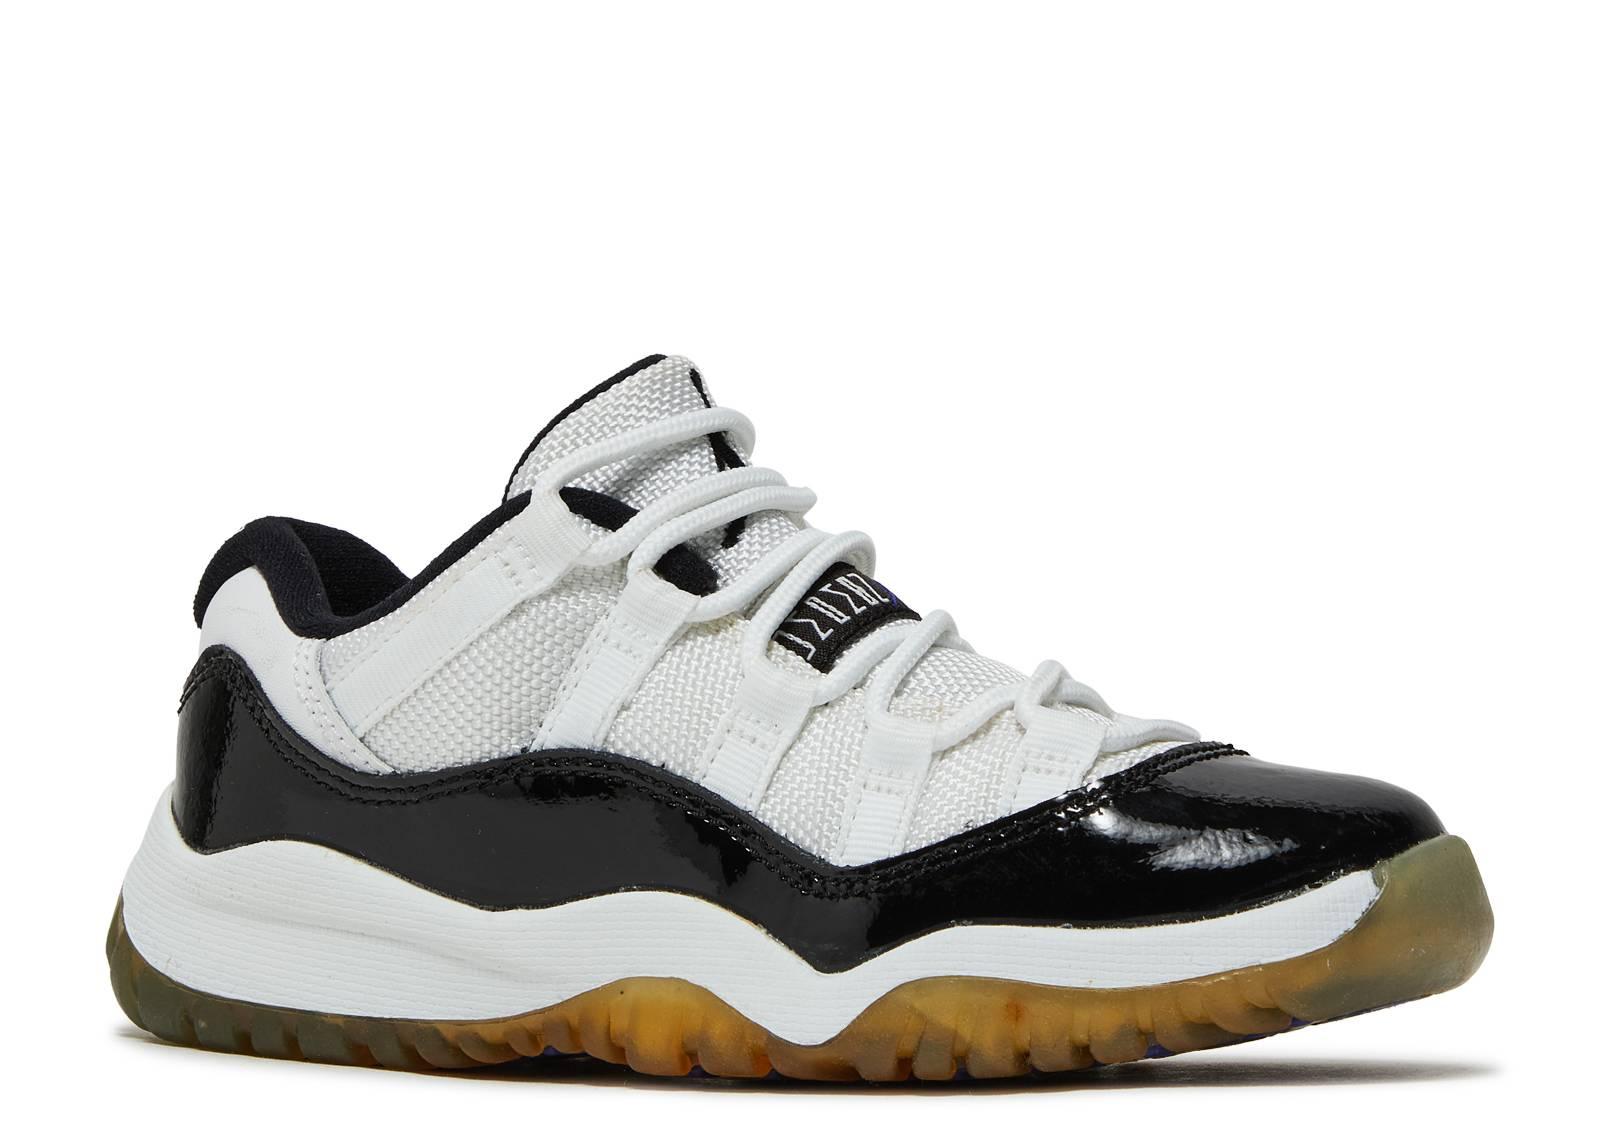 97e3869005c60d Jordan 11 Retro Low Bp (ps)